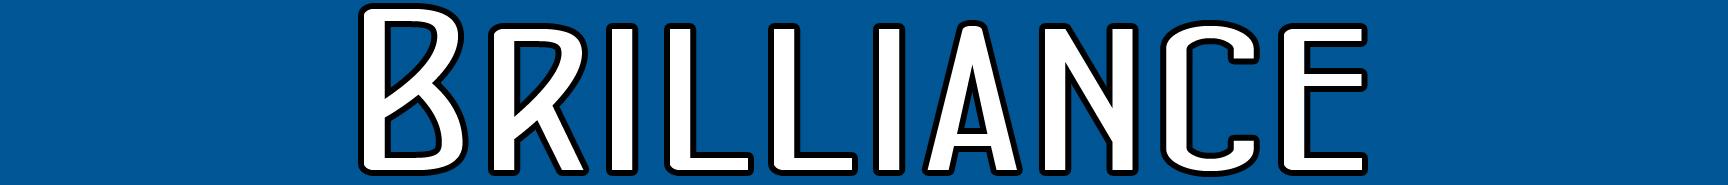 Brilliance Title Banner